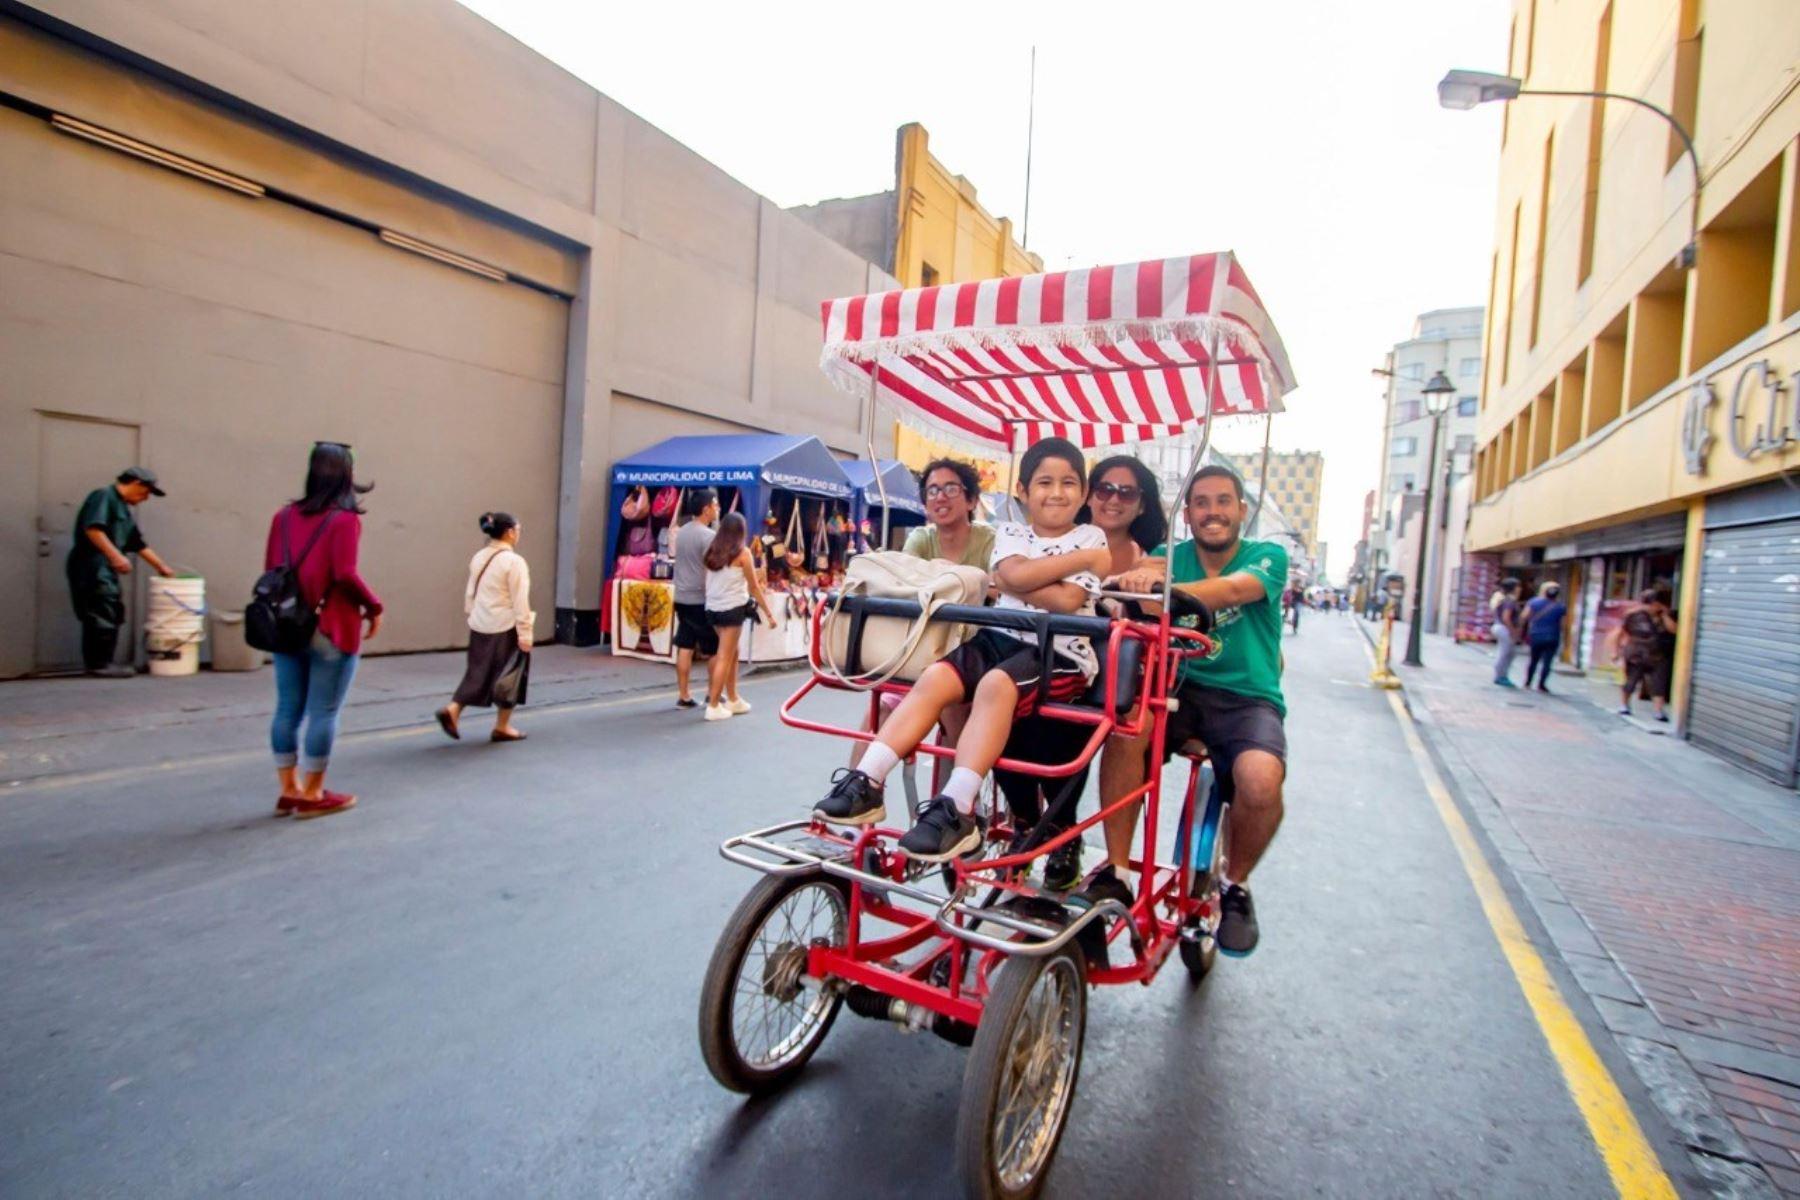 Grandes y chicos disfrutarán de actividades gratuitas en el Centro de Lima durante el programa Al Damero de Pizarro sin Carro. Foto: ANDINA/Difusión.